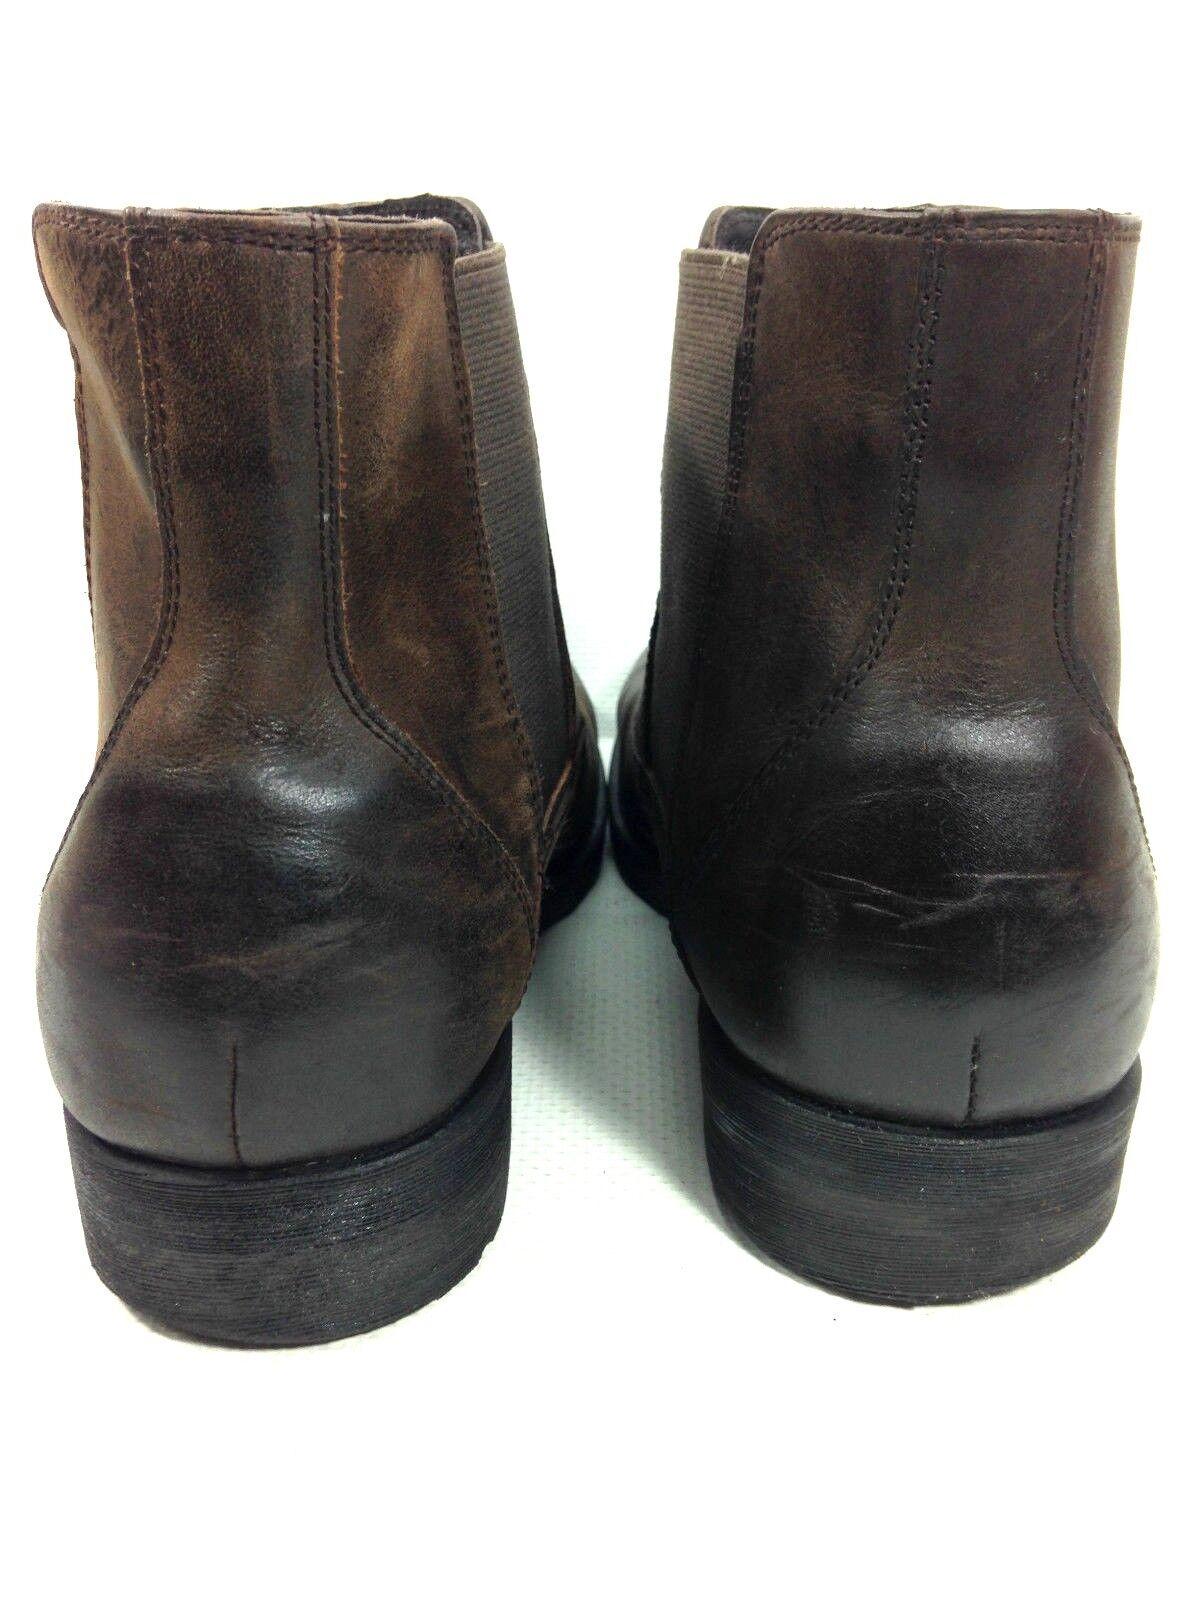 J. Murphy Mens SuedeAnkle Stiefel Größe 10.5 10.5 10.5 US. 9e9b88